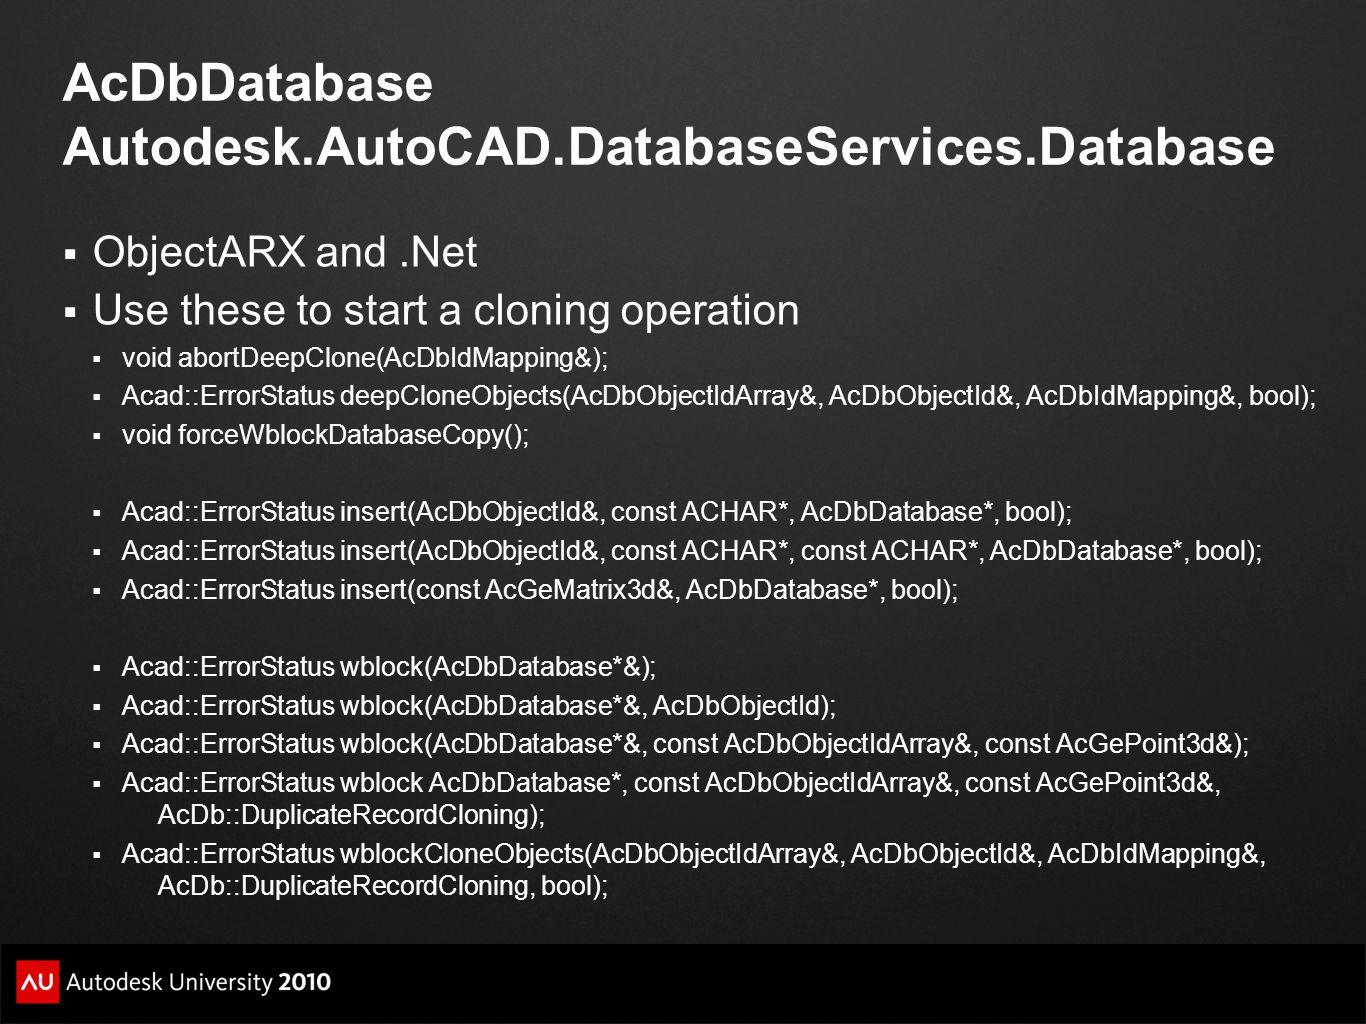 AcDbDatabase Autodesk.AutoCAD.DatabaseServices.Database